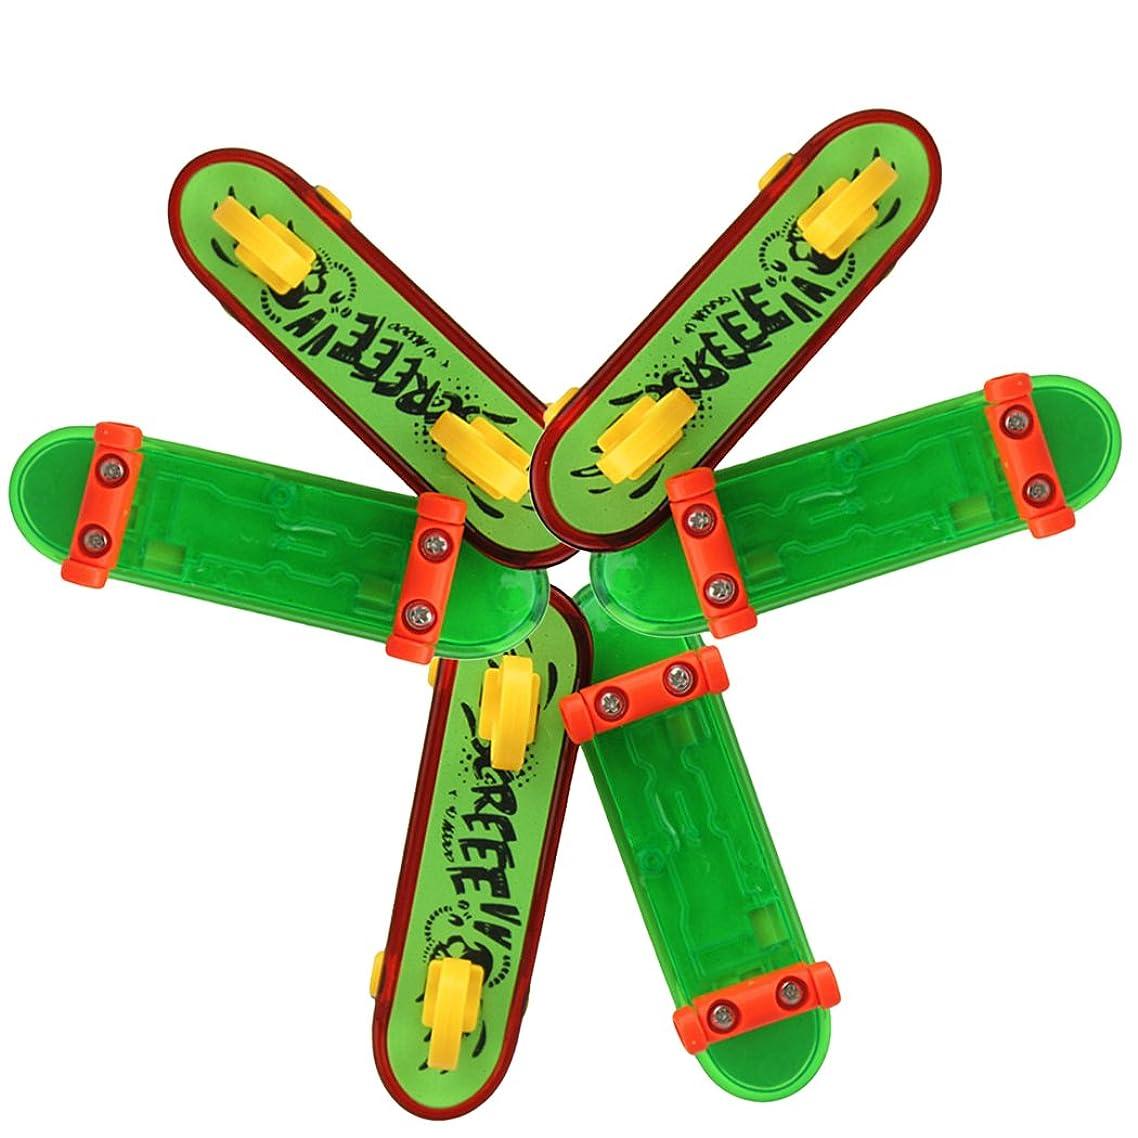 Coxeer 6 PCS Finger Skateboard Finger Board Toy Plastic Mini Finger Toy for Children(Random Pattern)